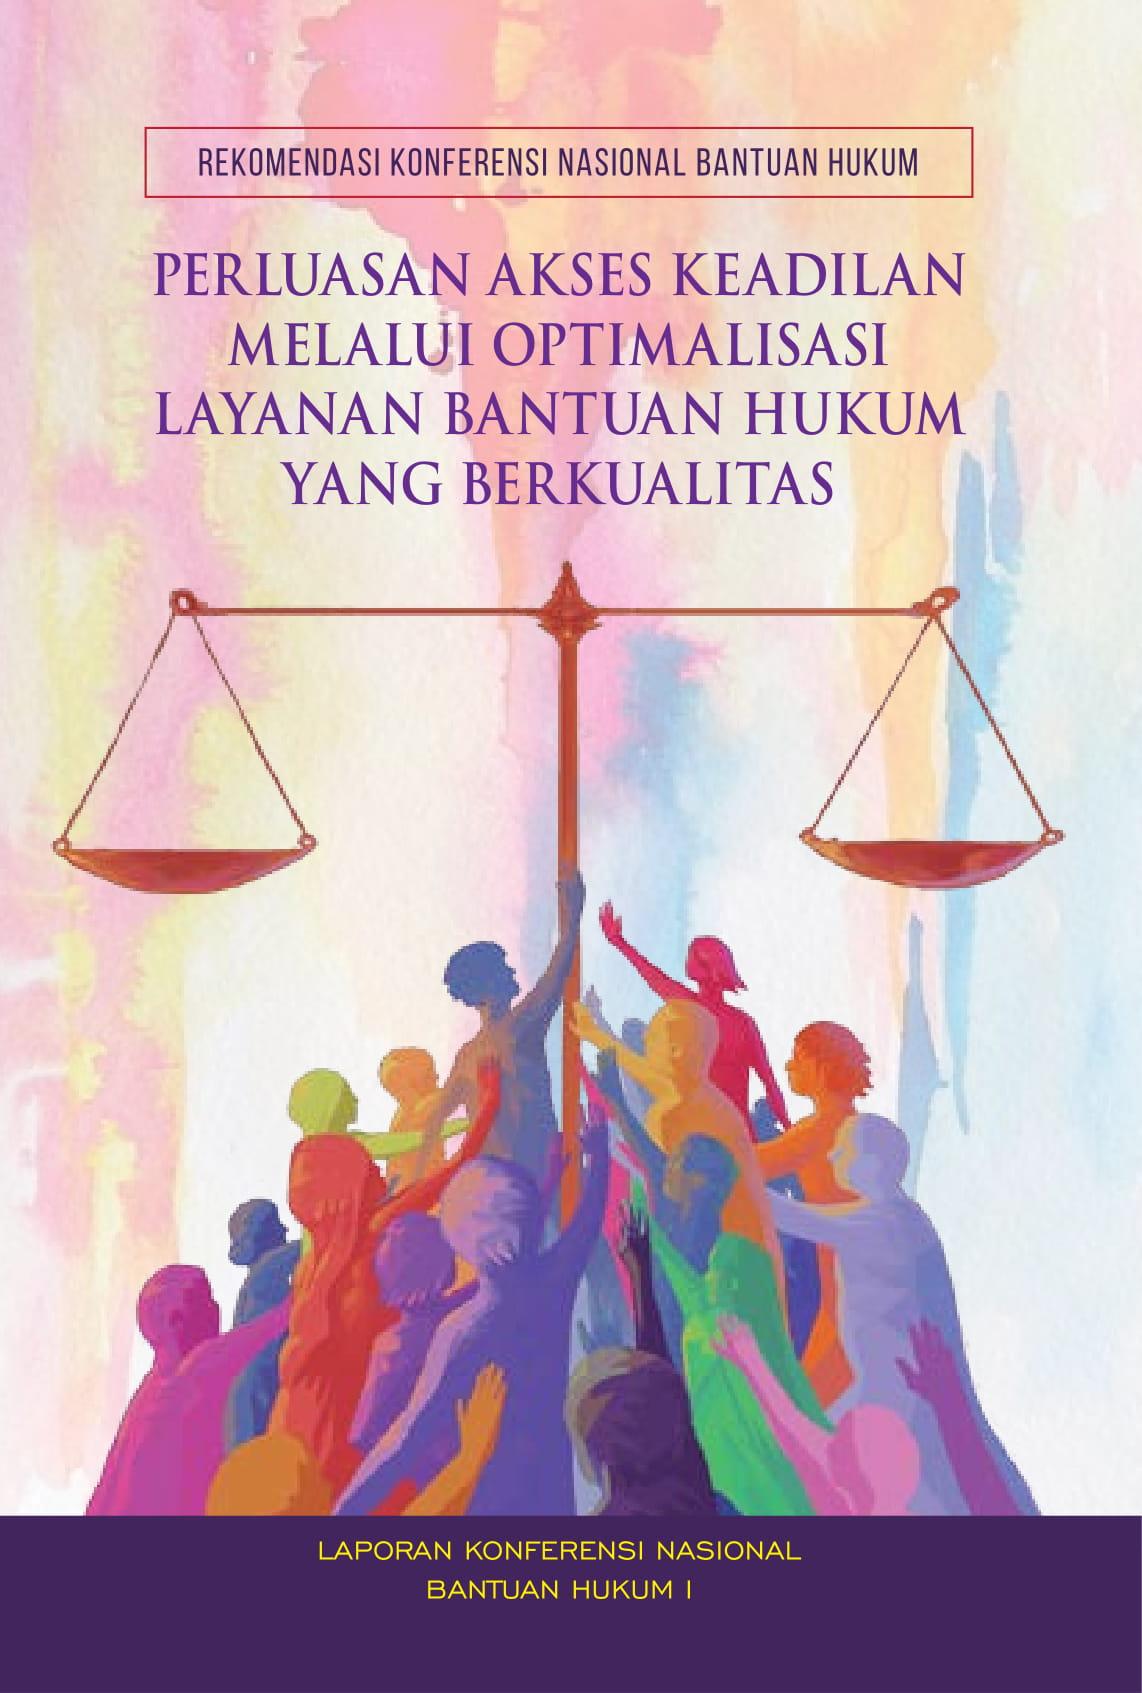 Konferensi Nasional Bantuan Hukum : Perluasan Akses Keadilan Melalui Optimalisasi Layanan Bantuan Hukum yang Berkualitas